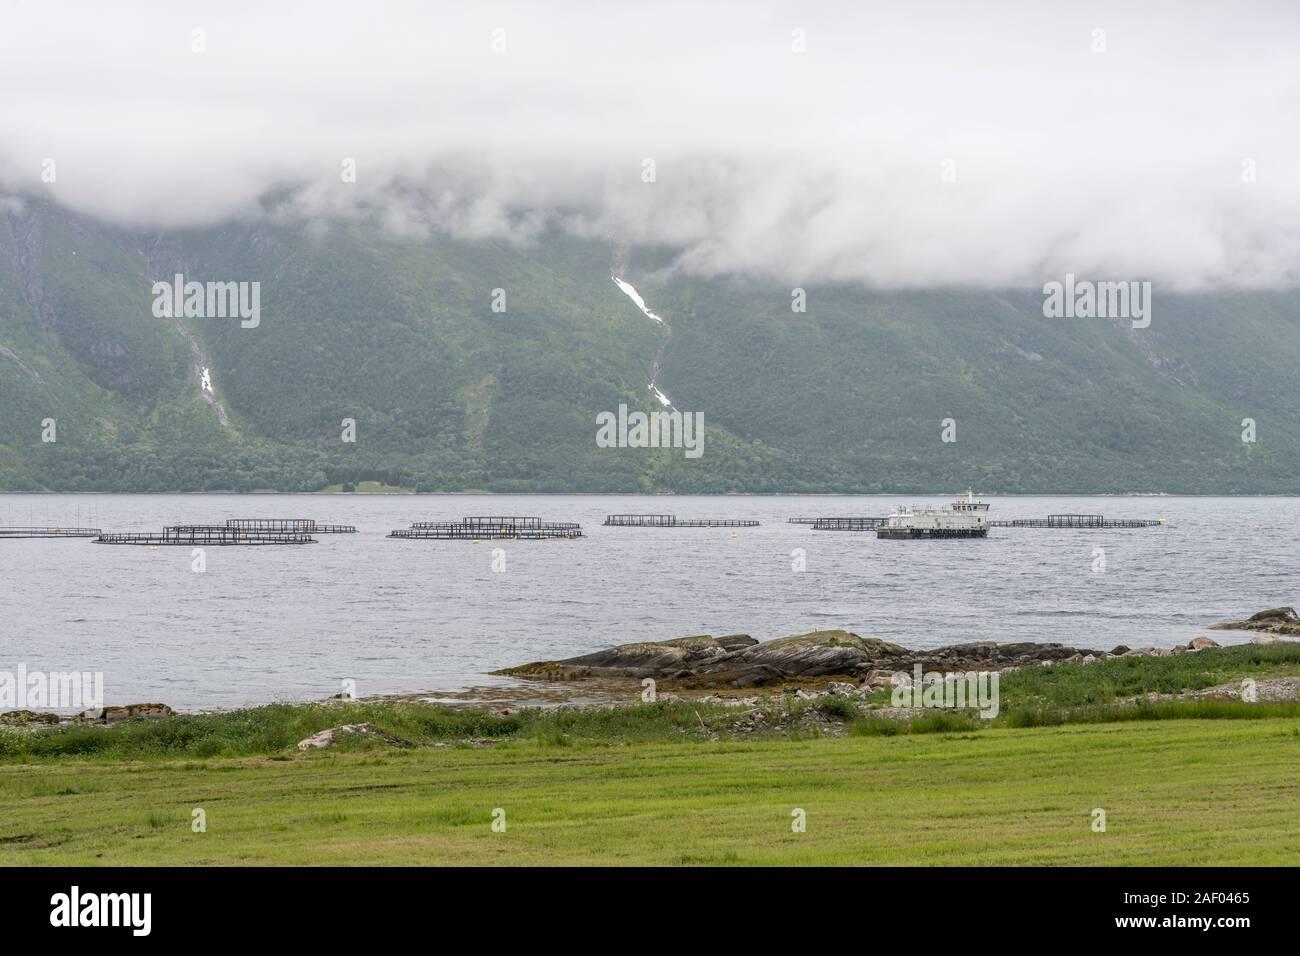 Ferme de poissons sous les nuages bas dans les eaux du fjord, tourné en été lumineux nuageux lumière près de Refsnes, Hinnoya, Vesteralen, Norvège Banque D'Images